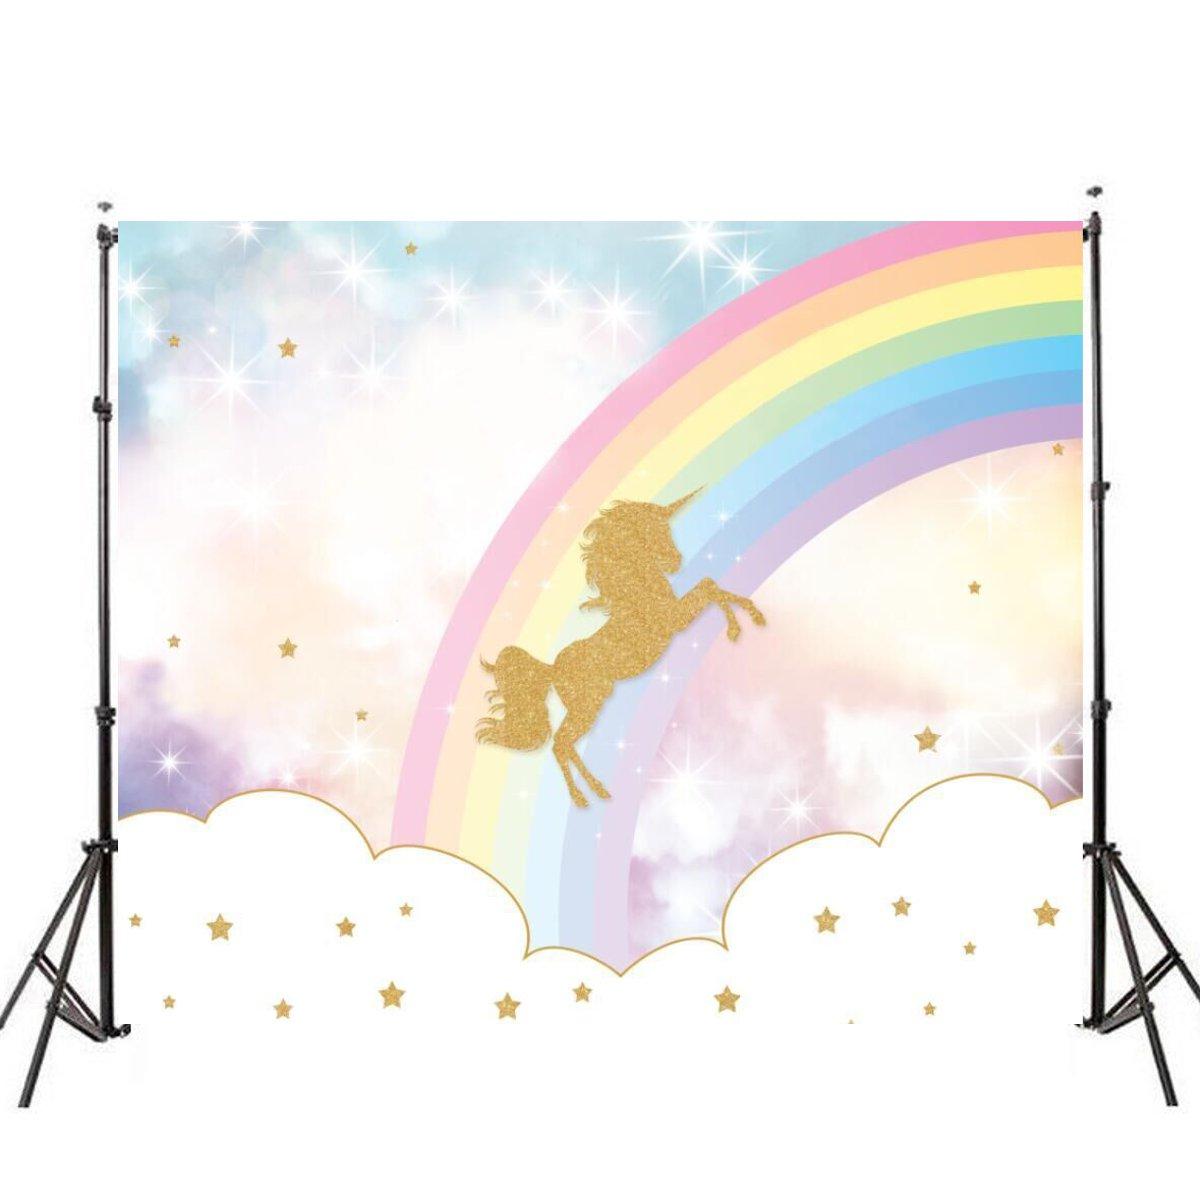 150X90cm / 210X150cm Rainbow